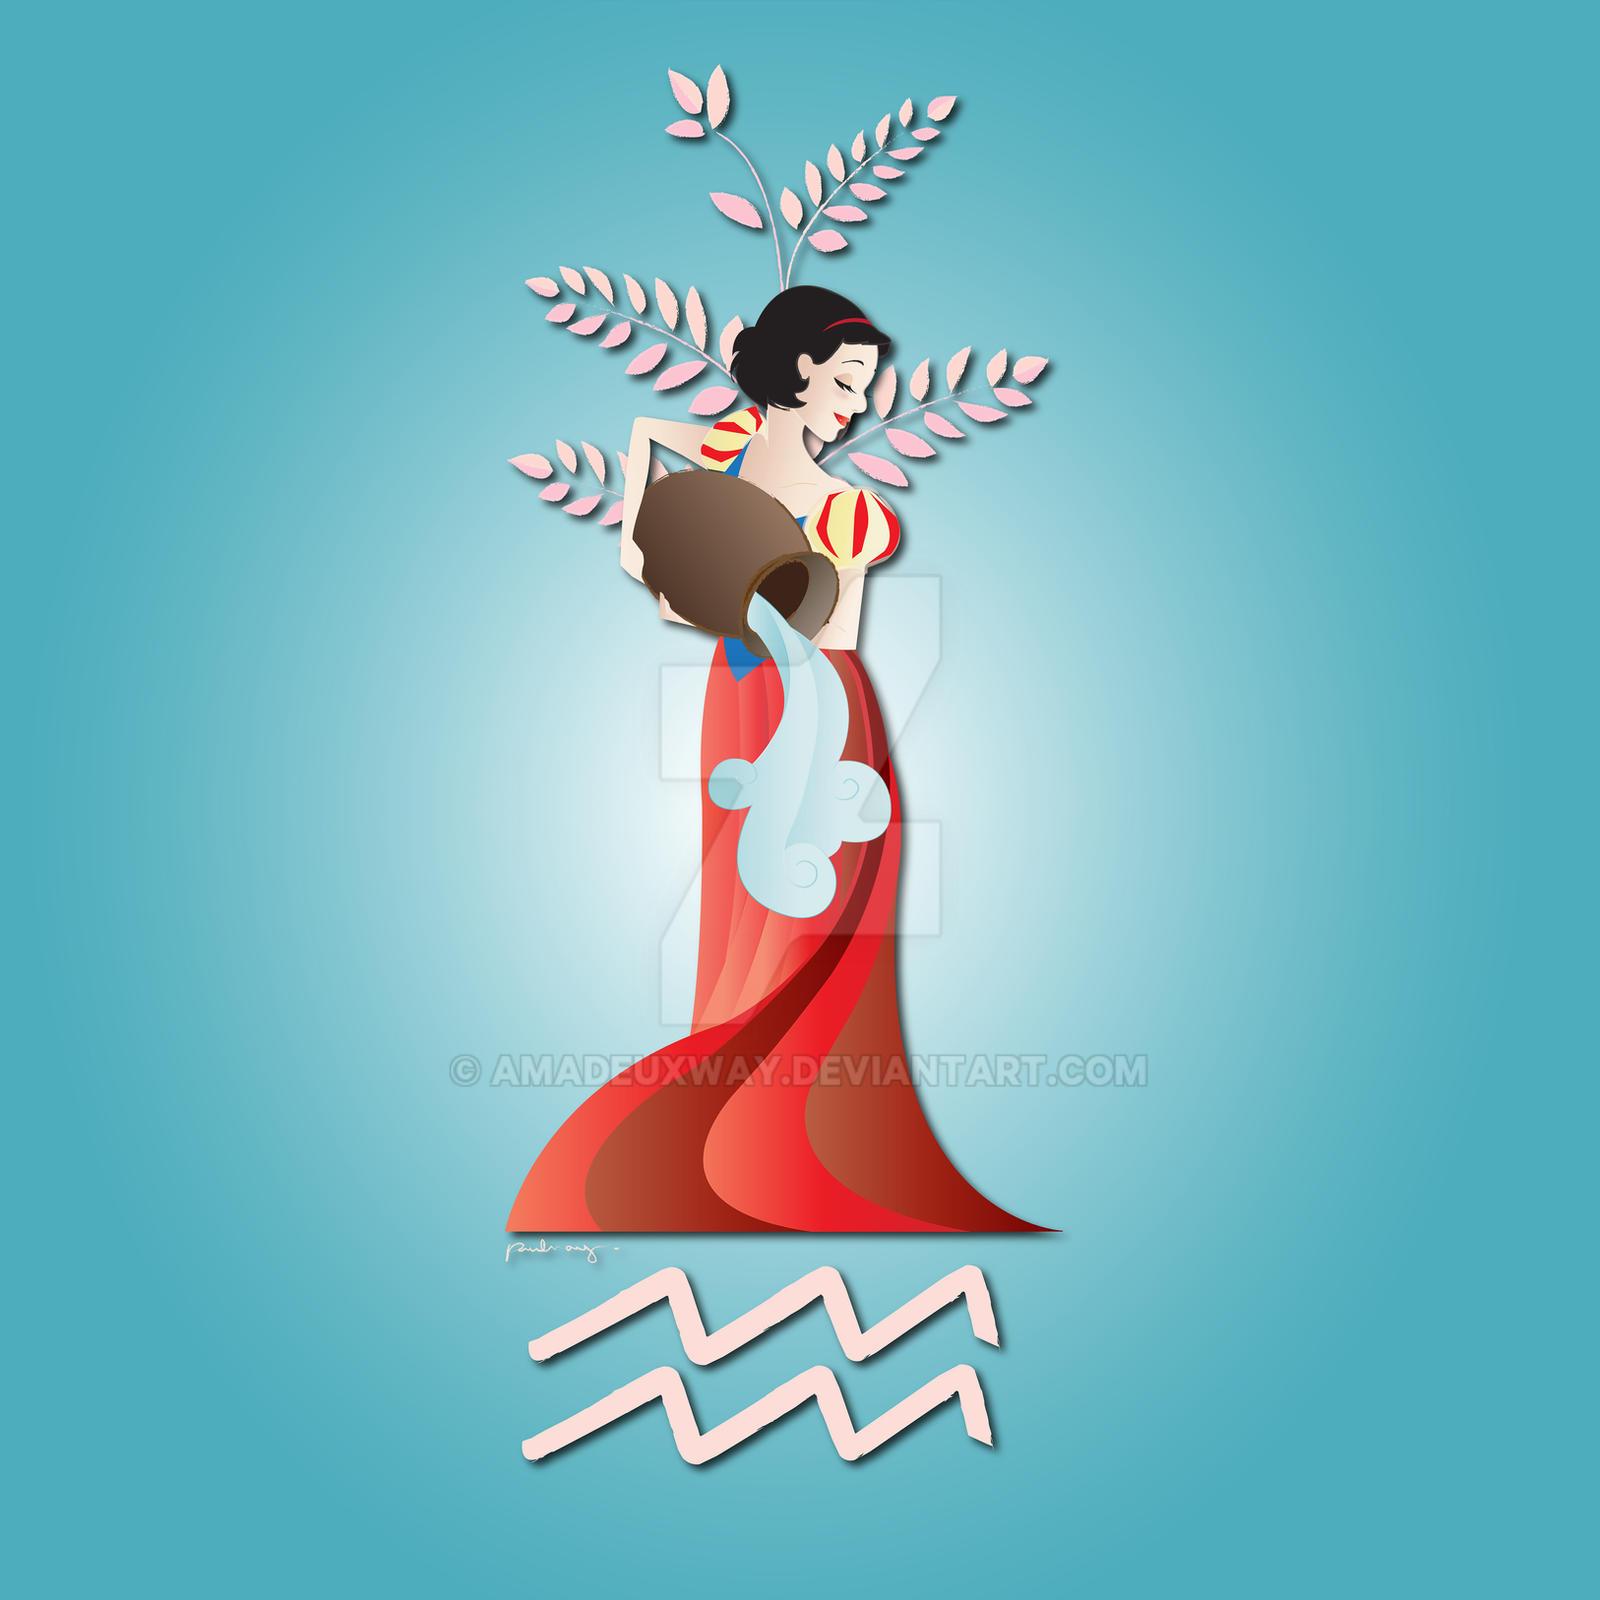 Aquarius - Snow White